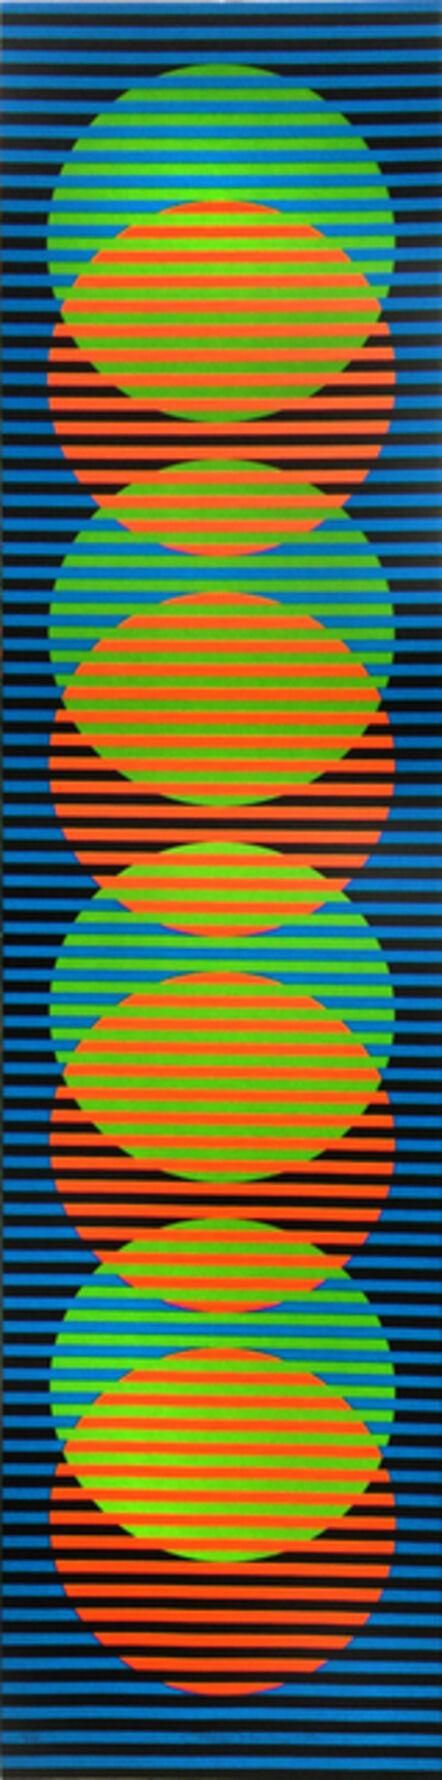 Carlos Cruz-Diez, 'Couleur Additive Sitges 3', 2012